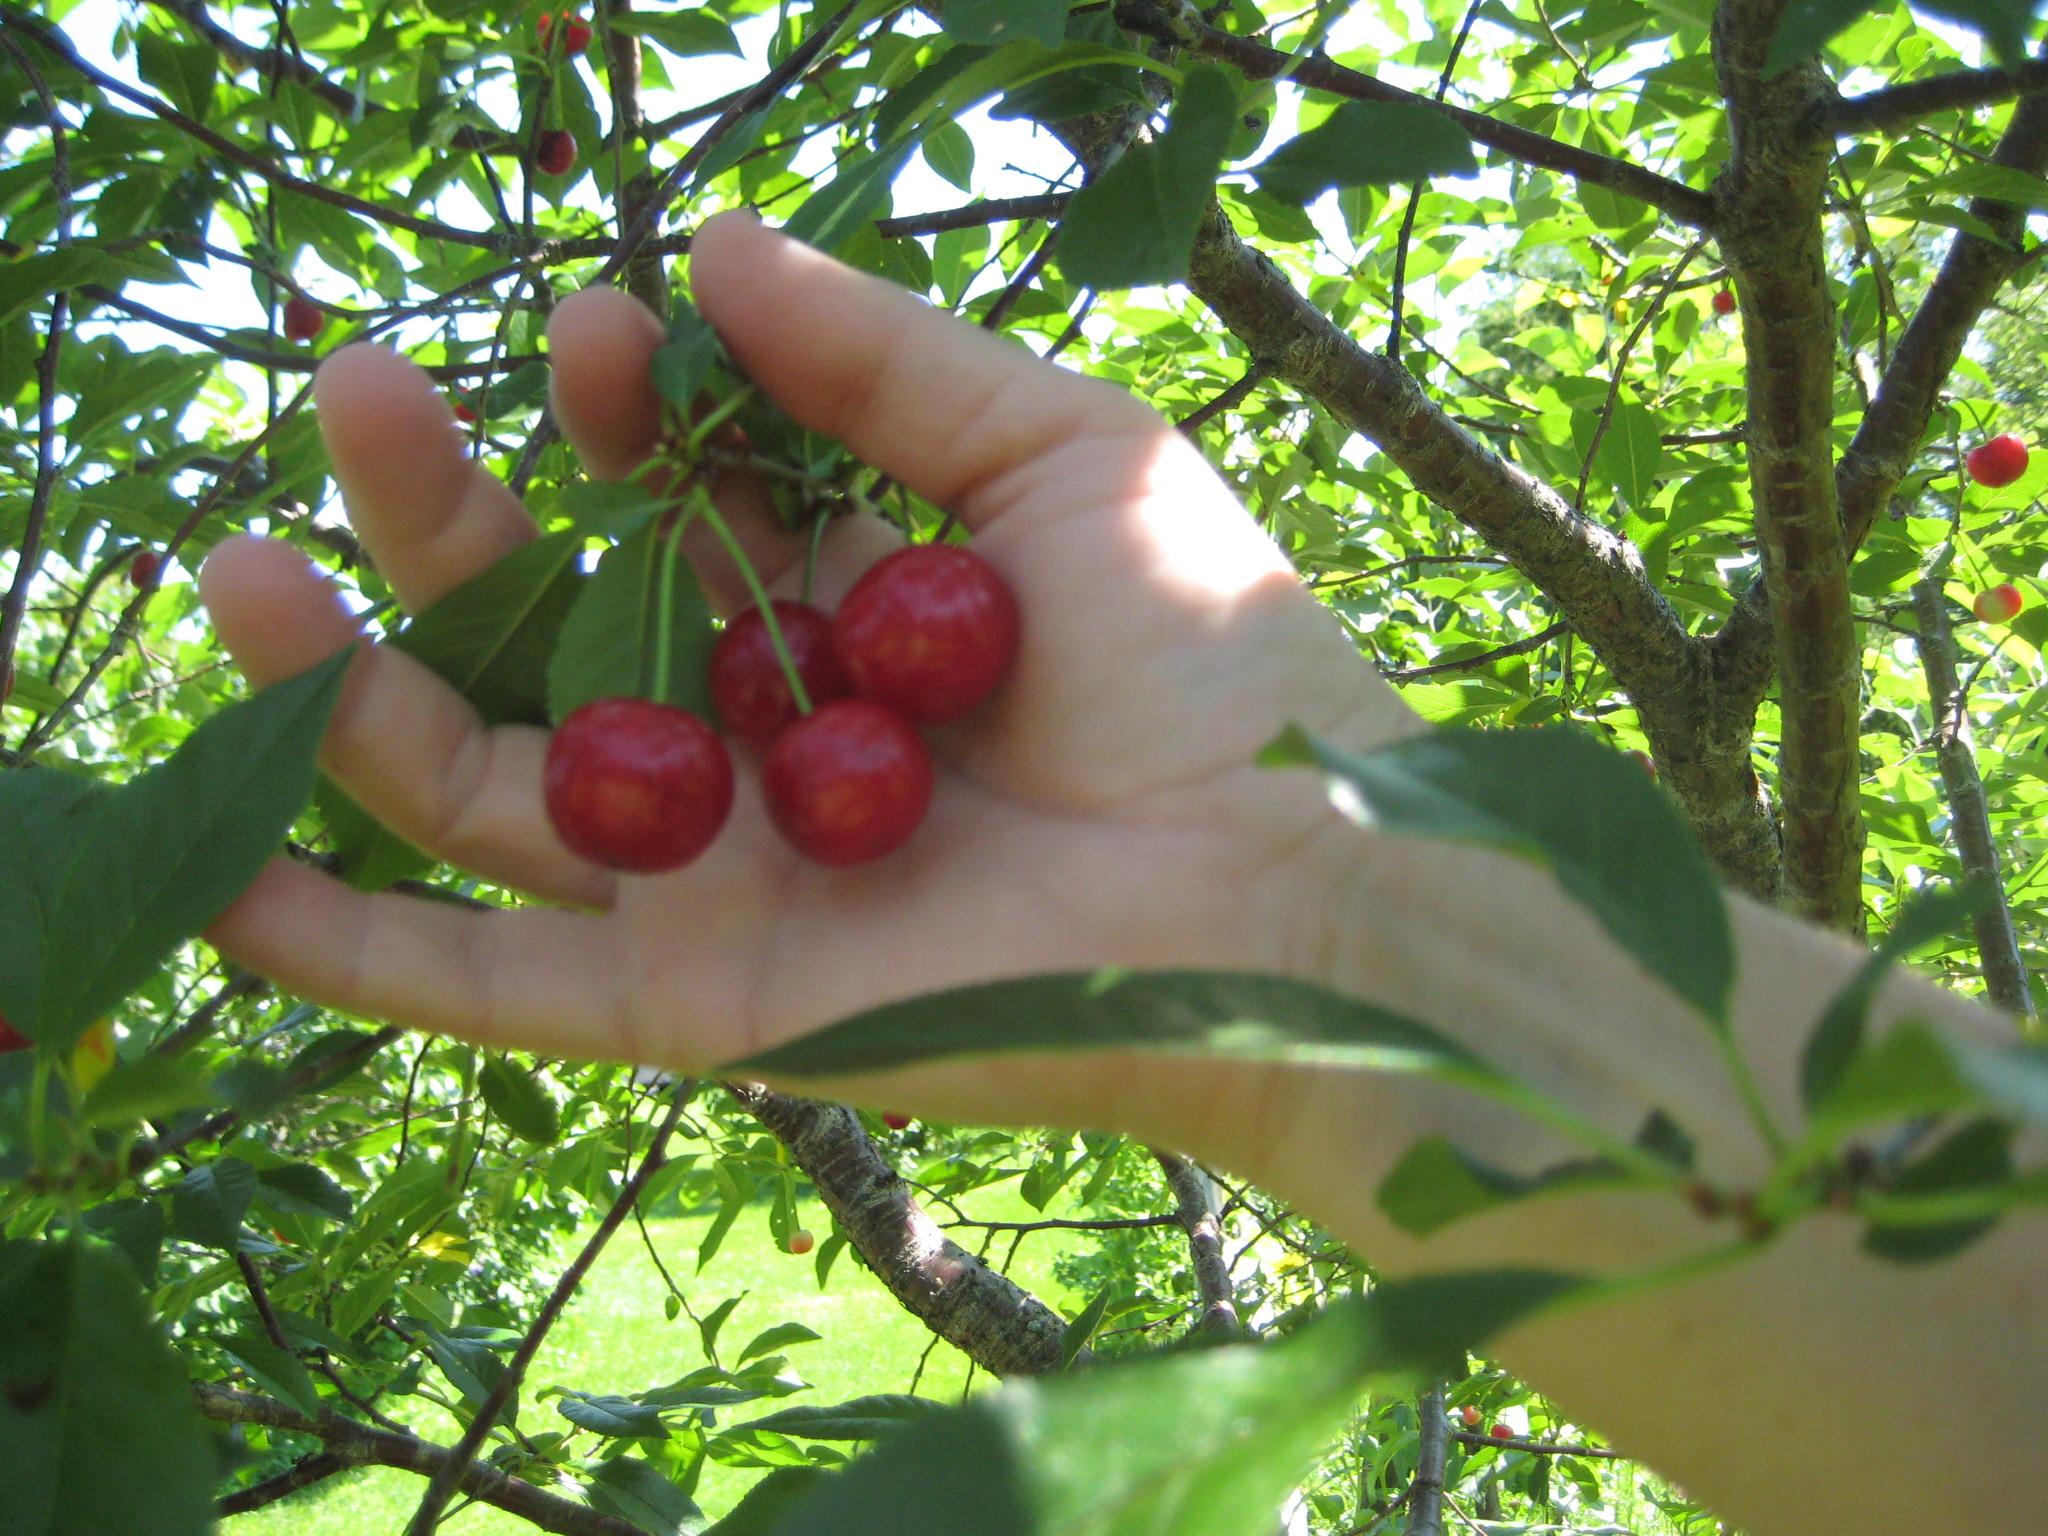 Выращивание черешни и уход за ней Образцовая Усадьба 57